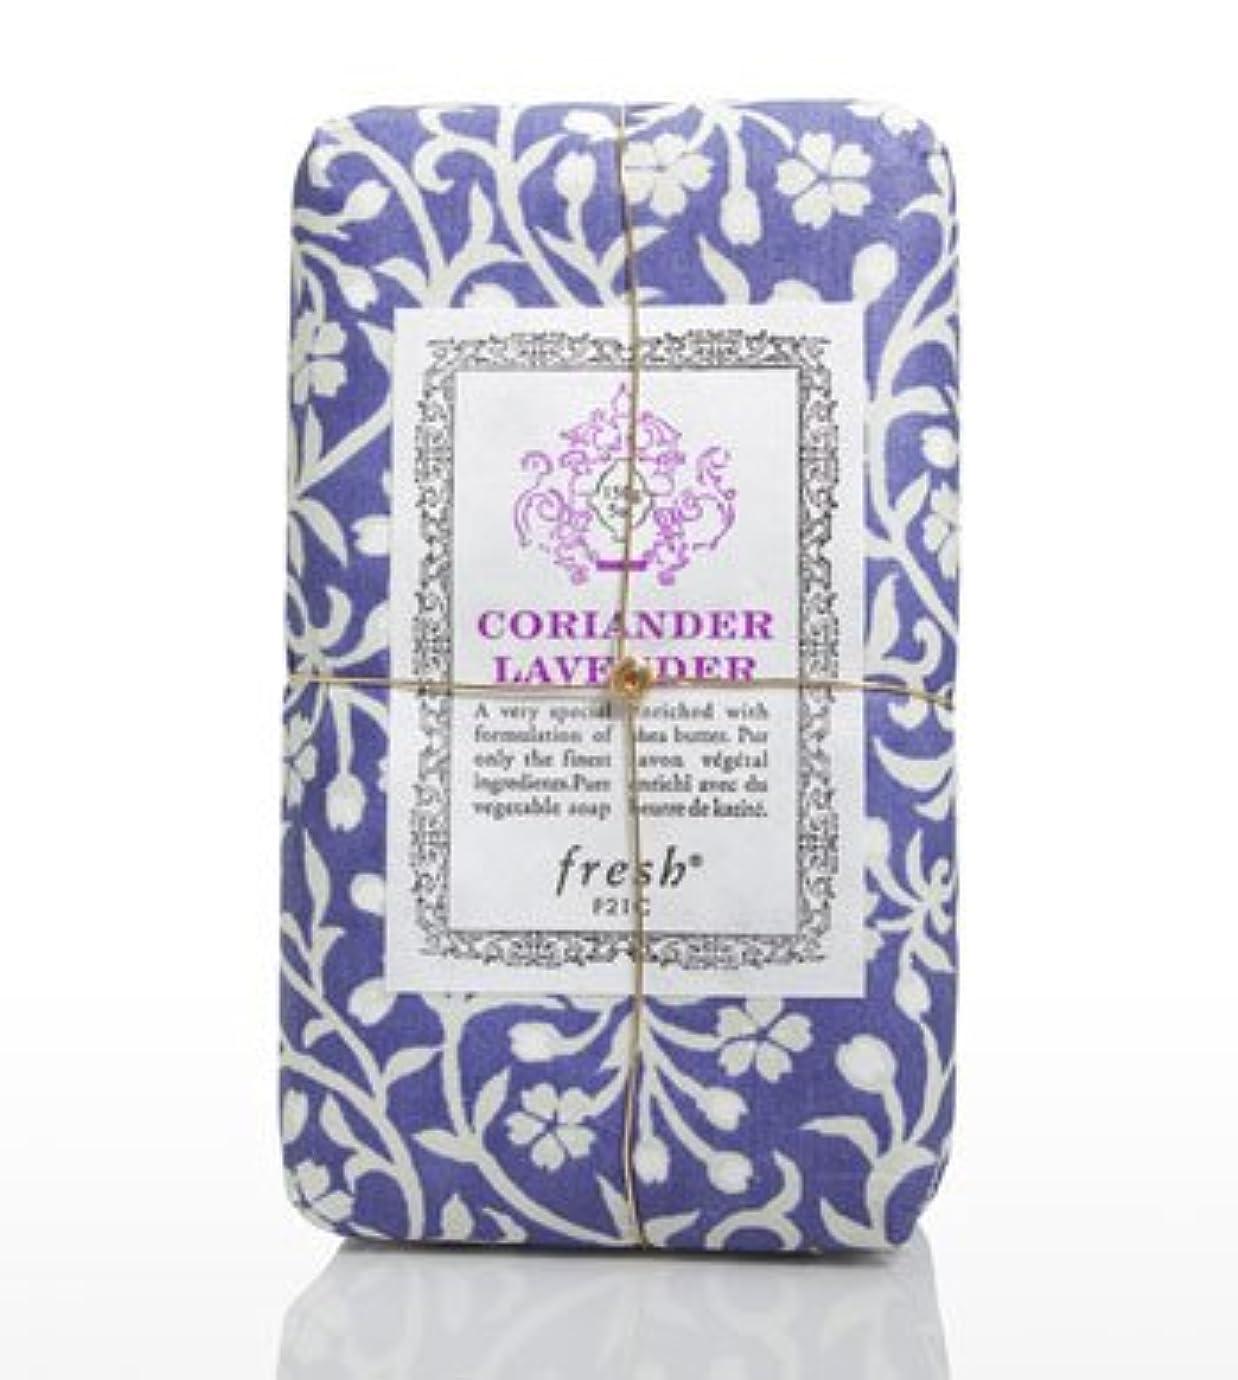 突っ込む回転するヒギンズFresh CORIANDER LAVENDAR SOAP(フレッシュ コリアンダーラベンダー ソープ) 5.0 oz (150gl) 石鹸 by Fresh